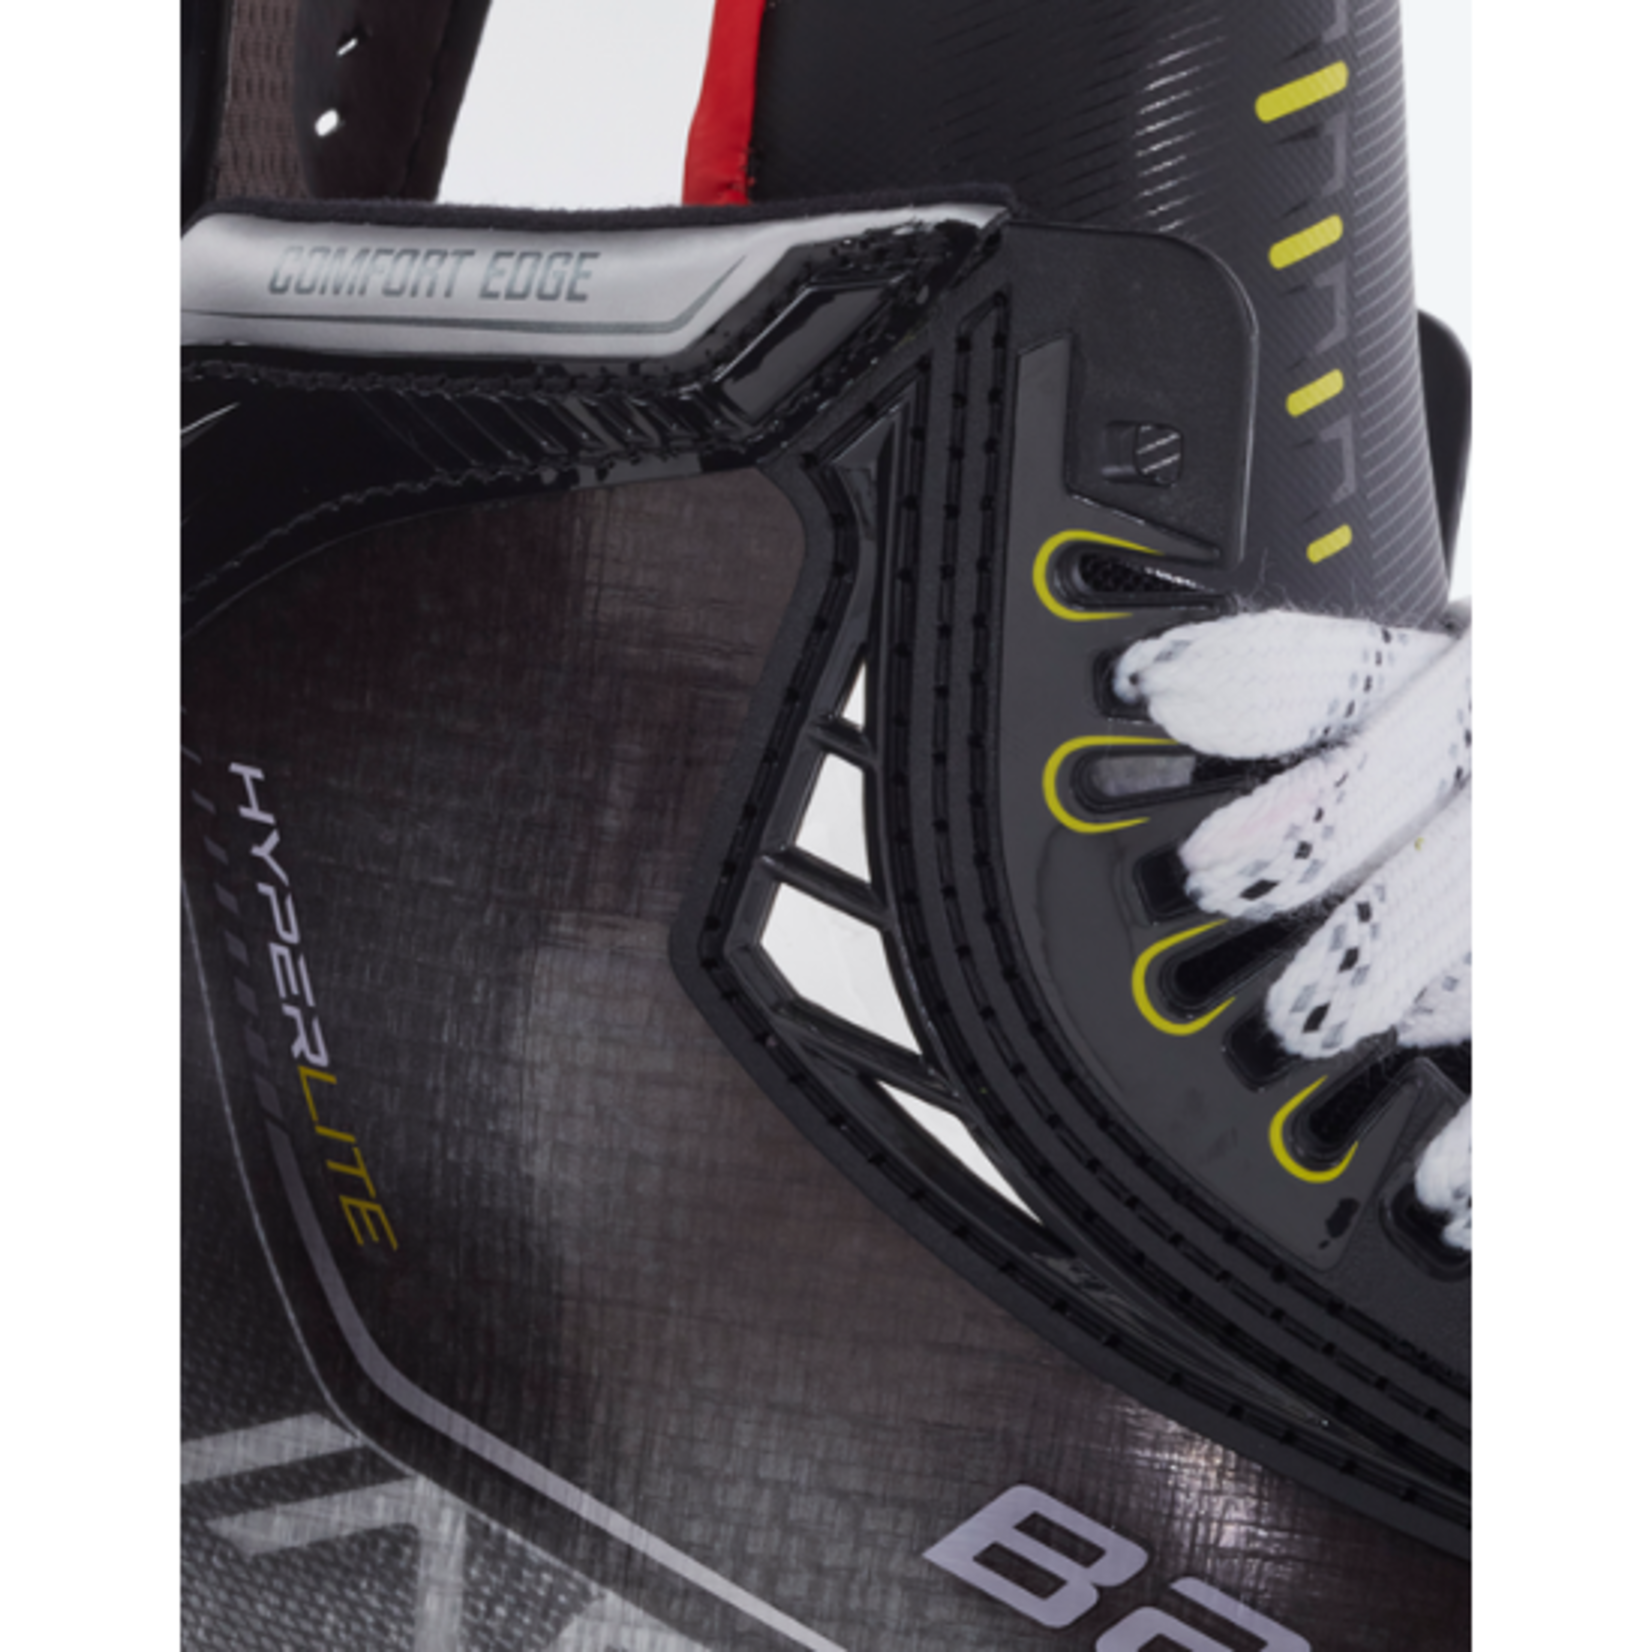 Bauer S21 BAUER  Vapor Hyperlite Skates IN